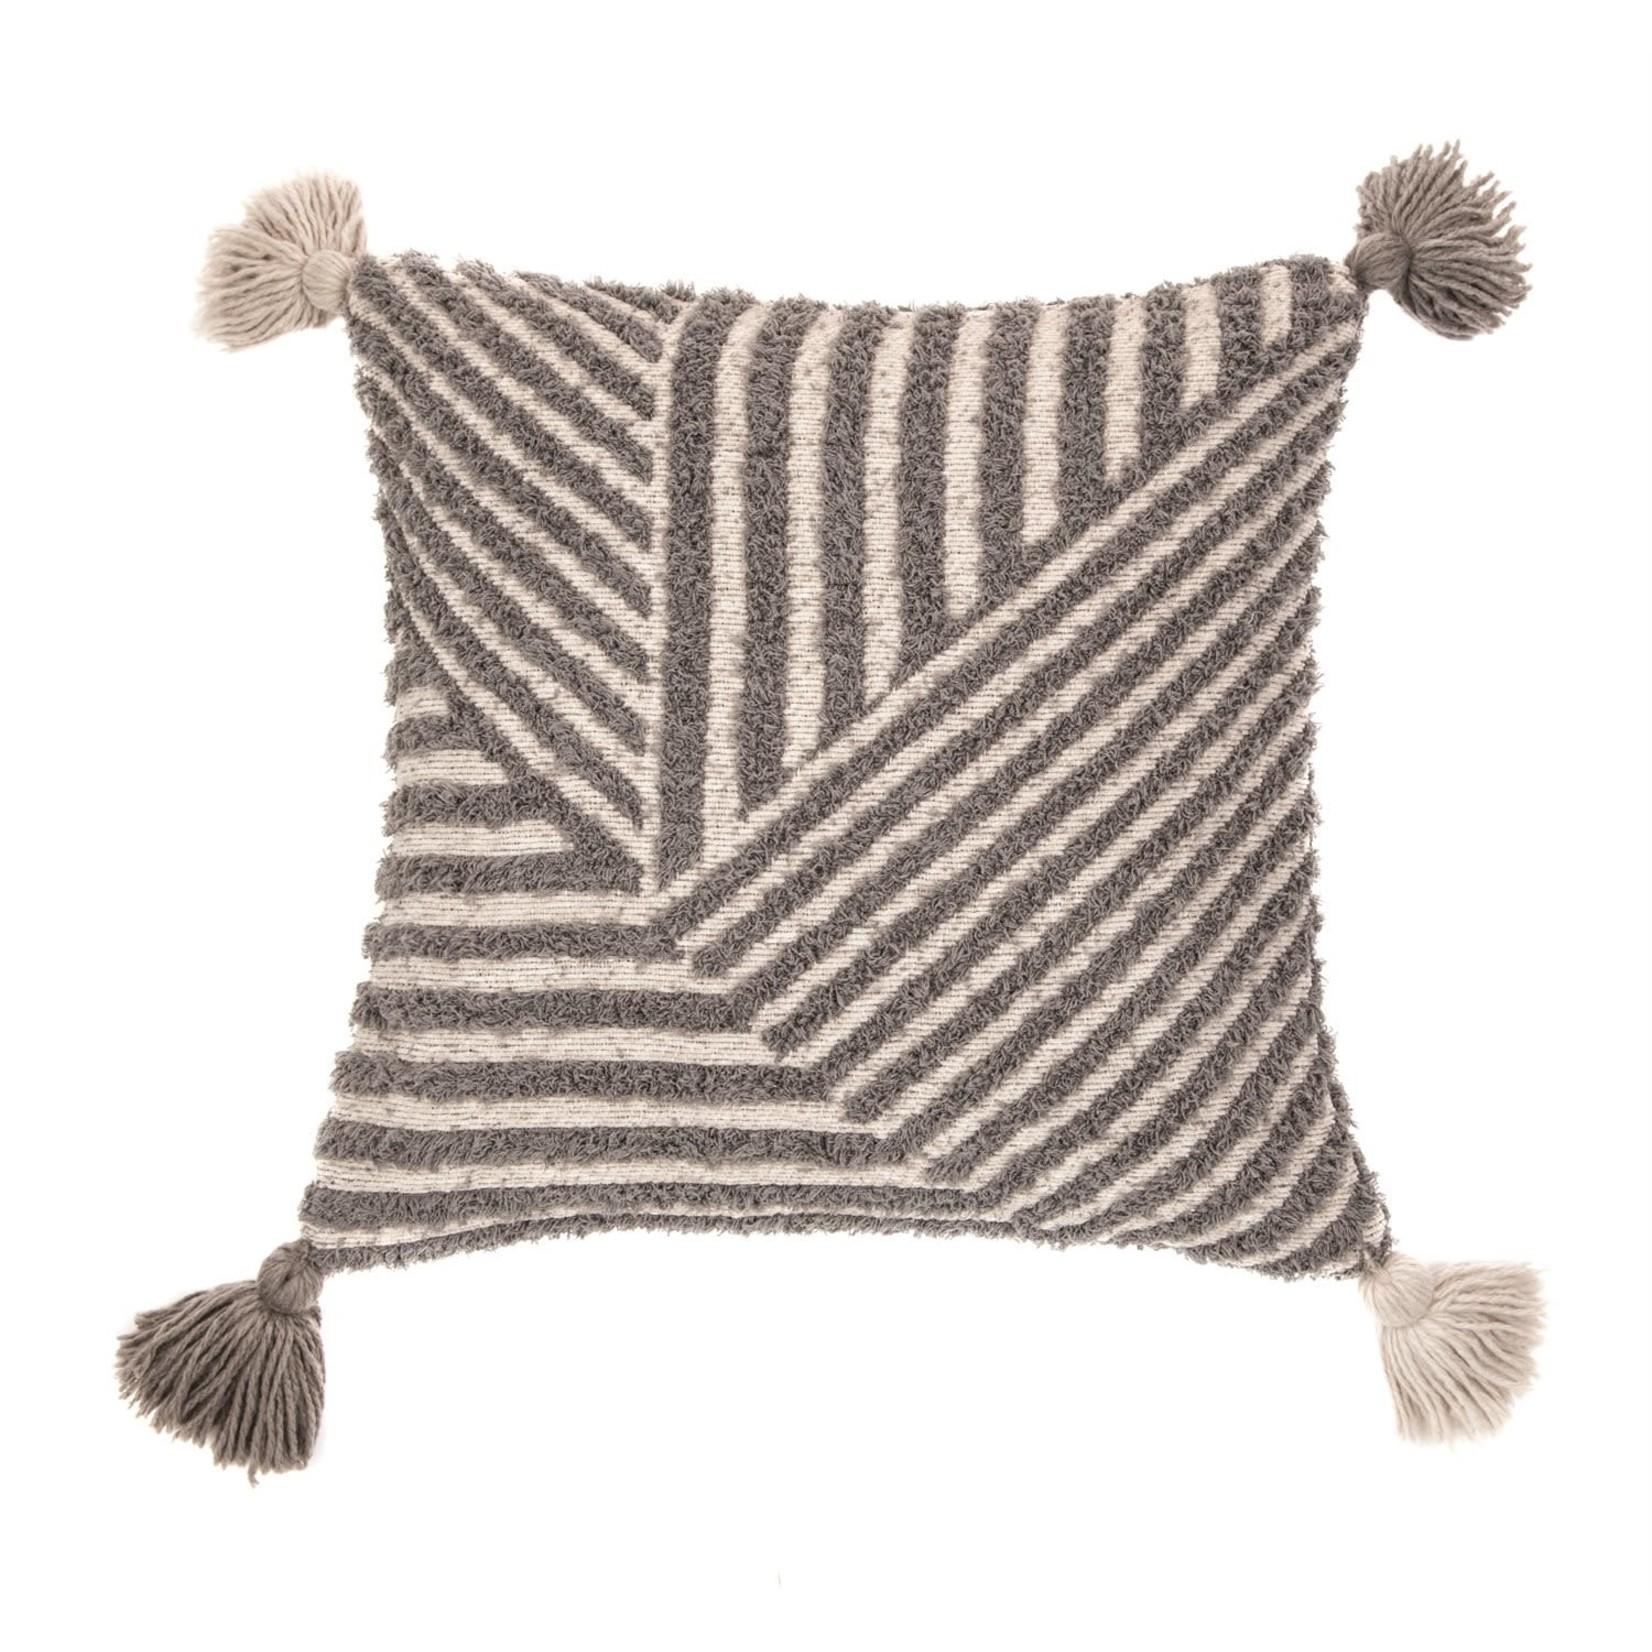 Sutra Textured Cushion